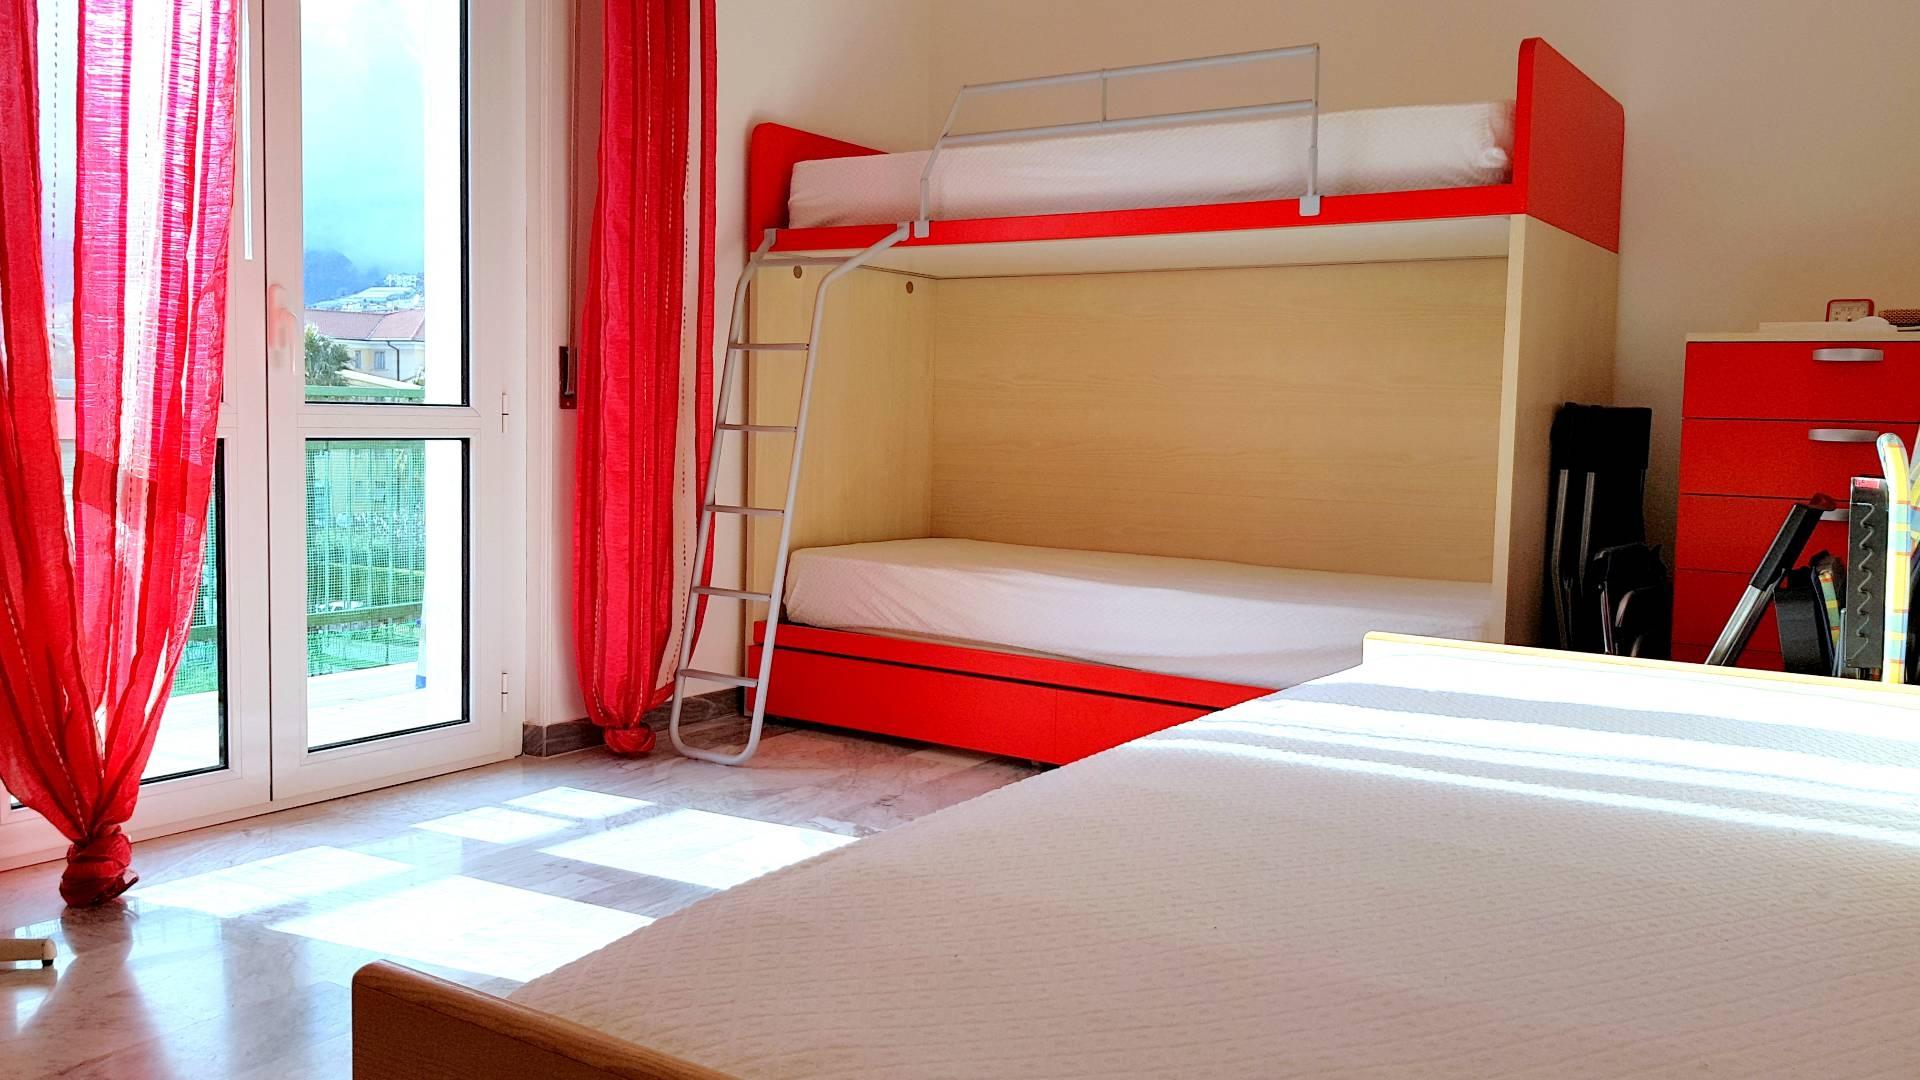 Appartamento in affitto a Borgio Verezzi, 2 locali, zona Zona: Borgio, prezzo € 550 | CambioCasa.it